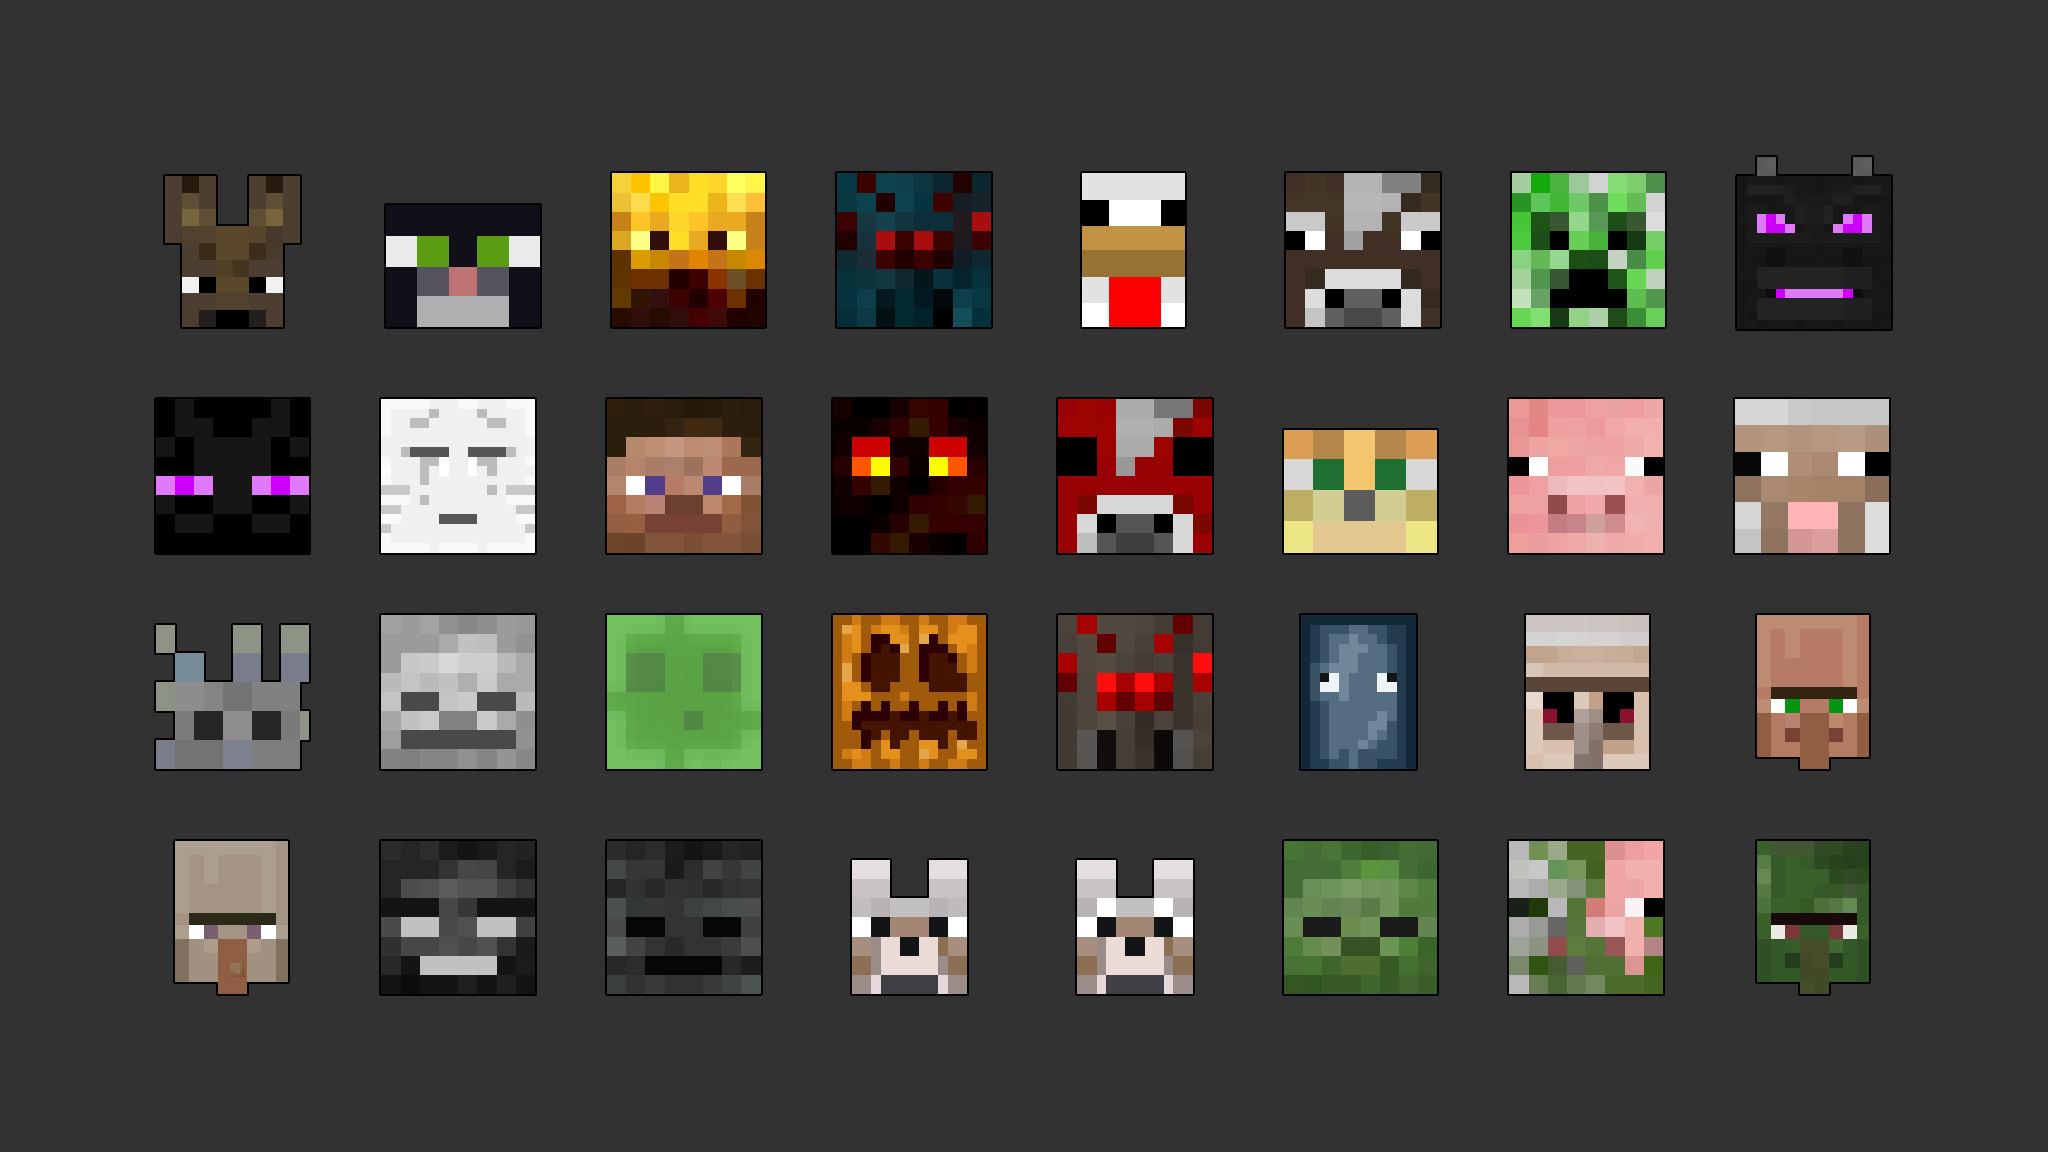 2048 Pixels Wallpaper 87 Images